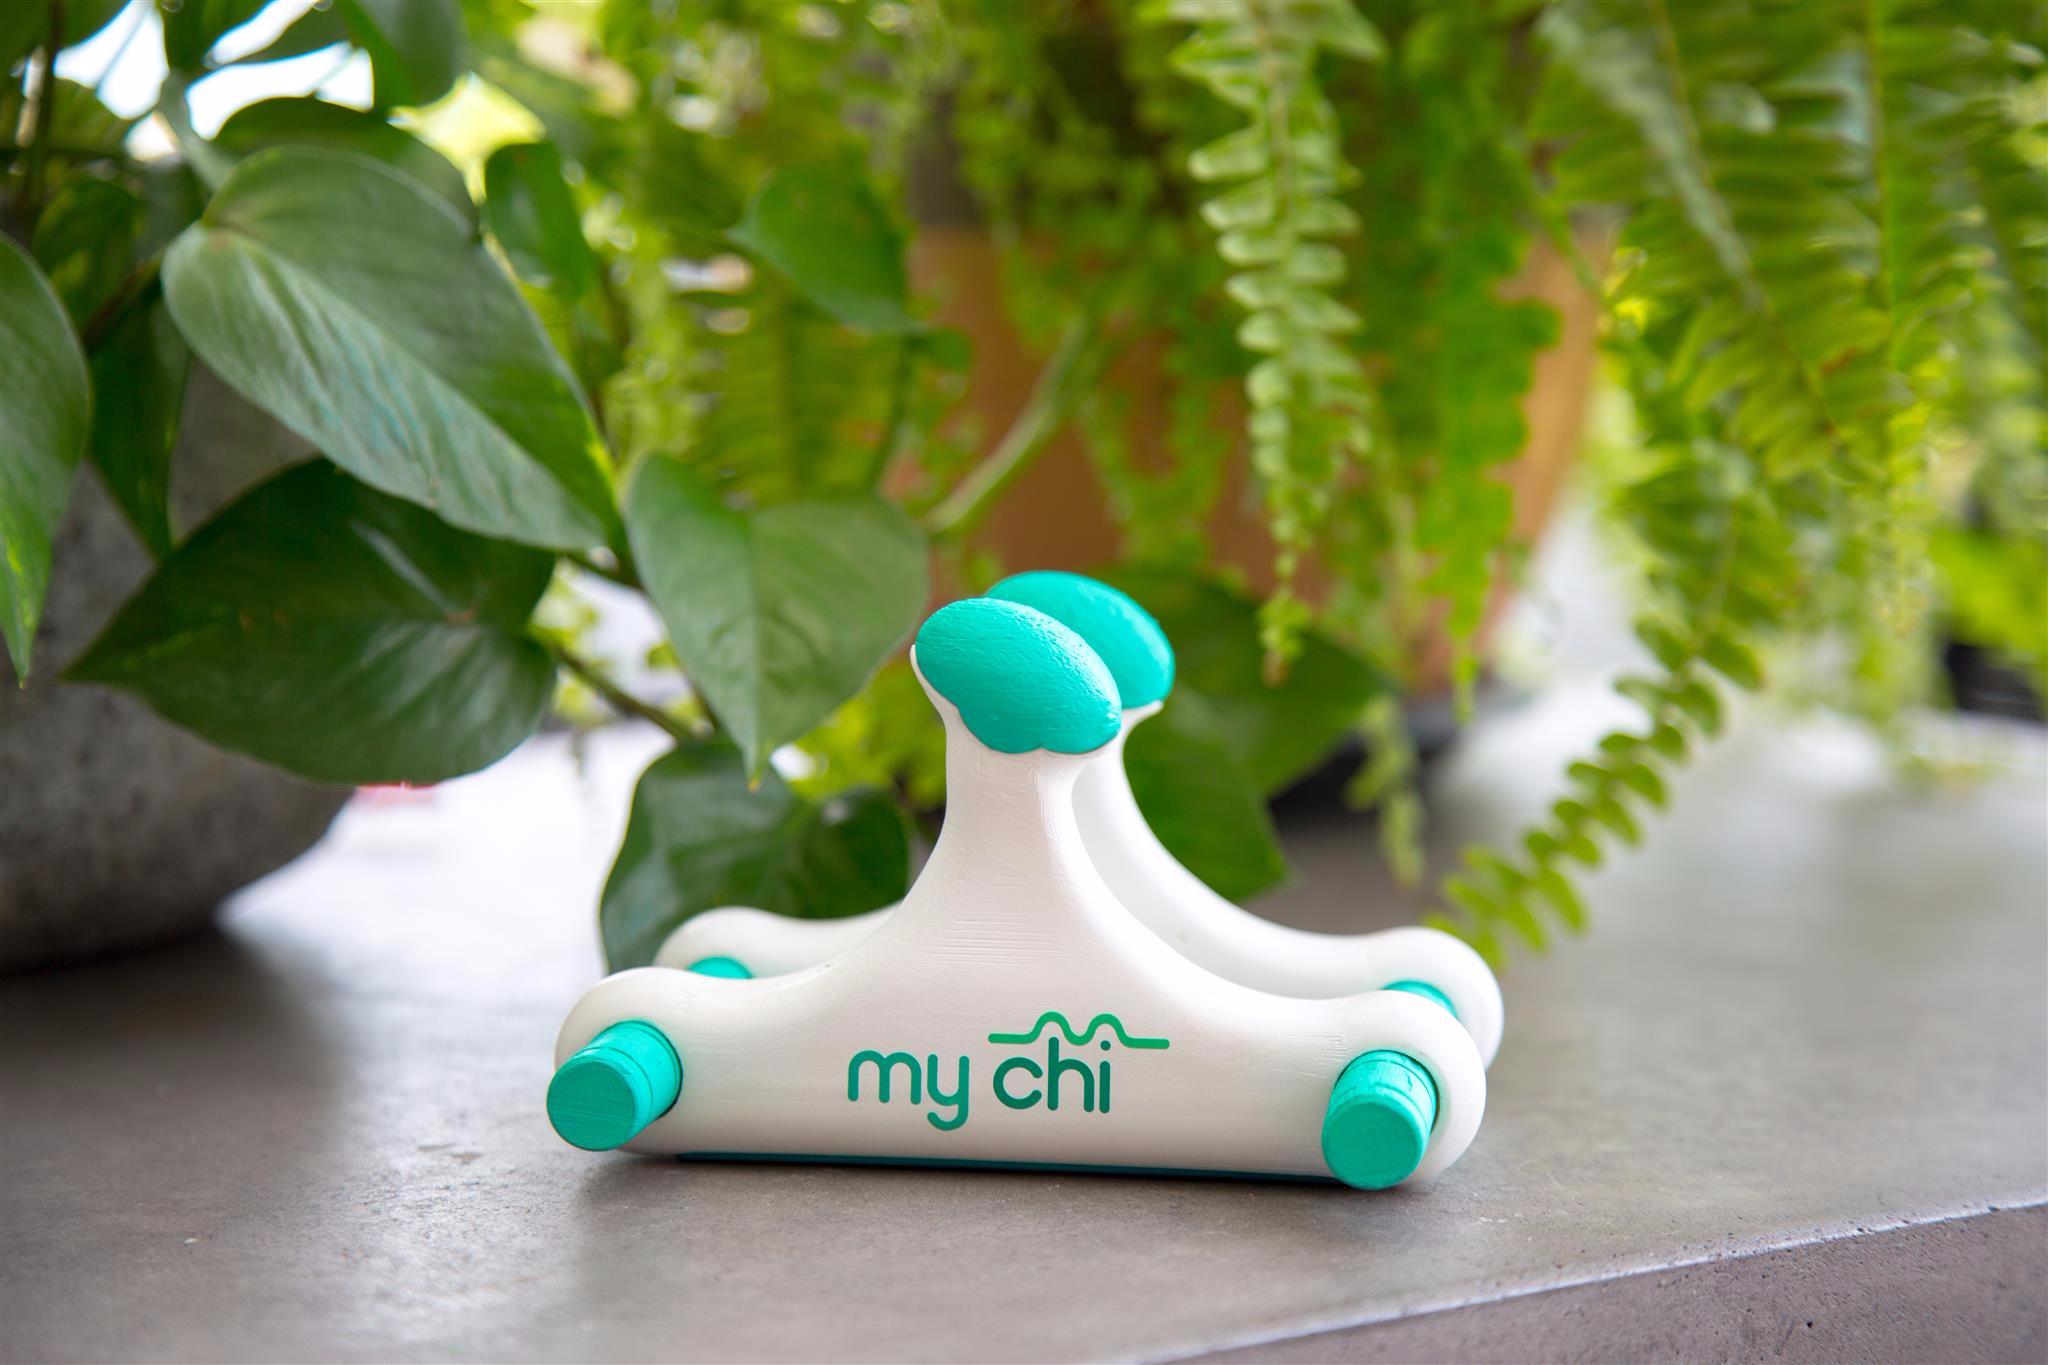 mychi